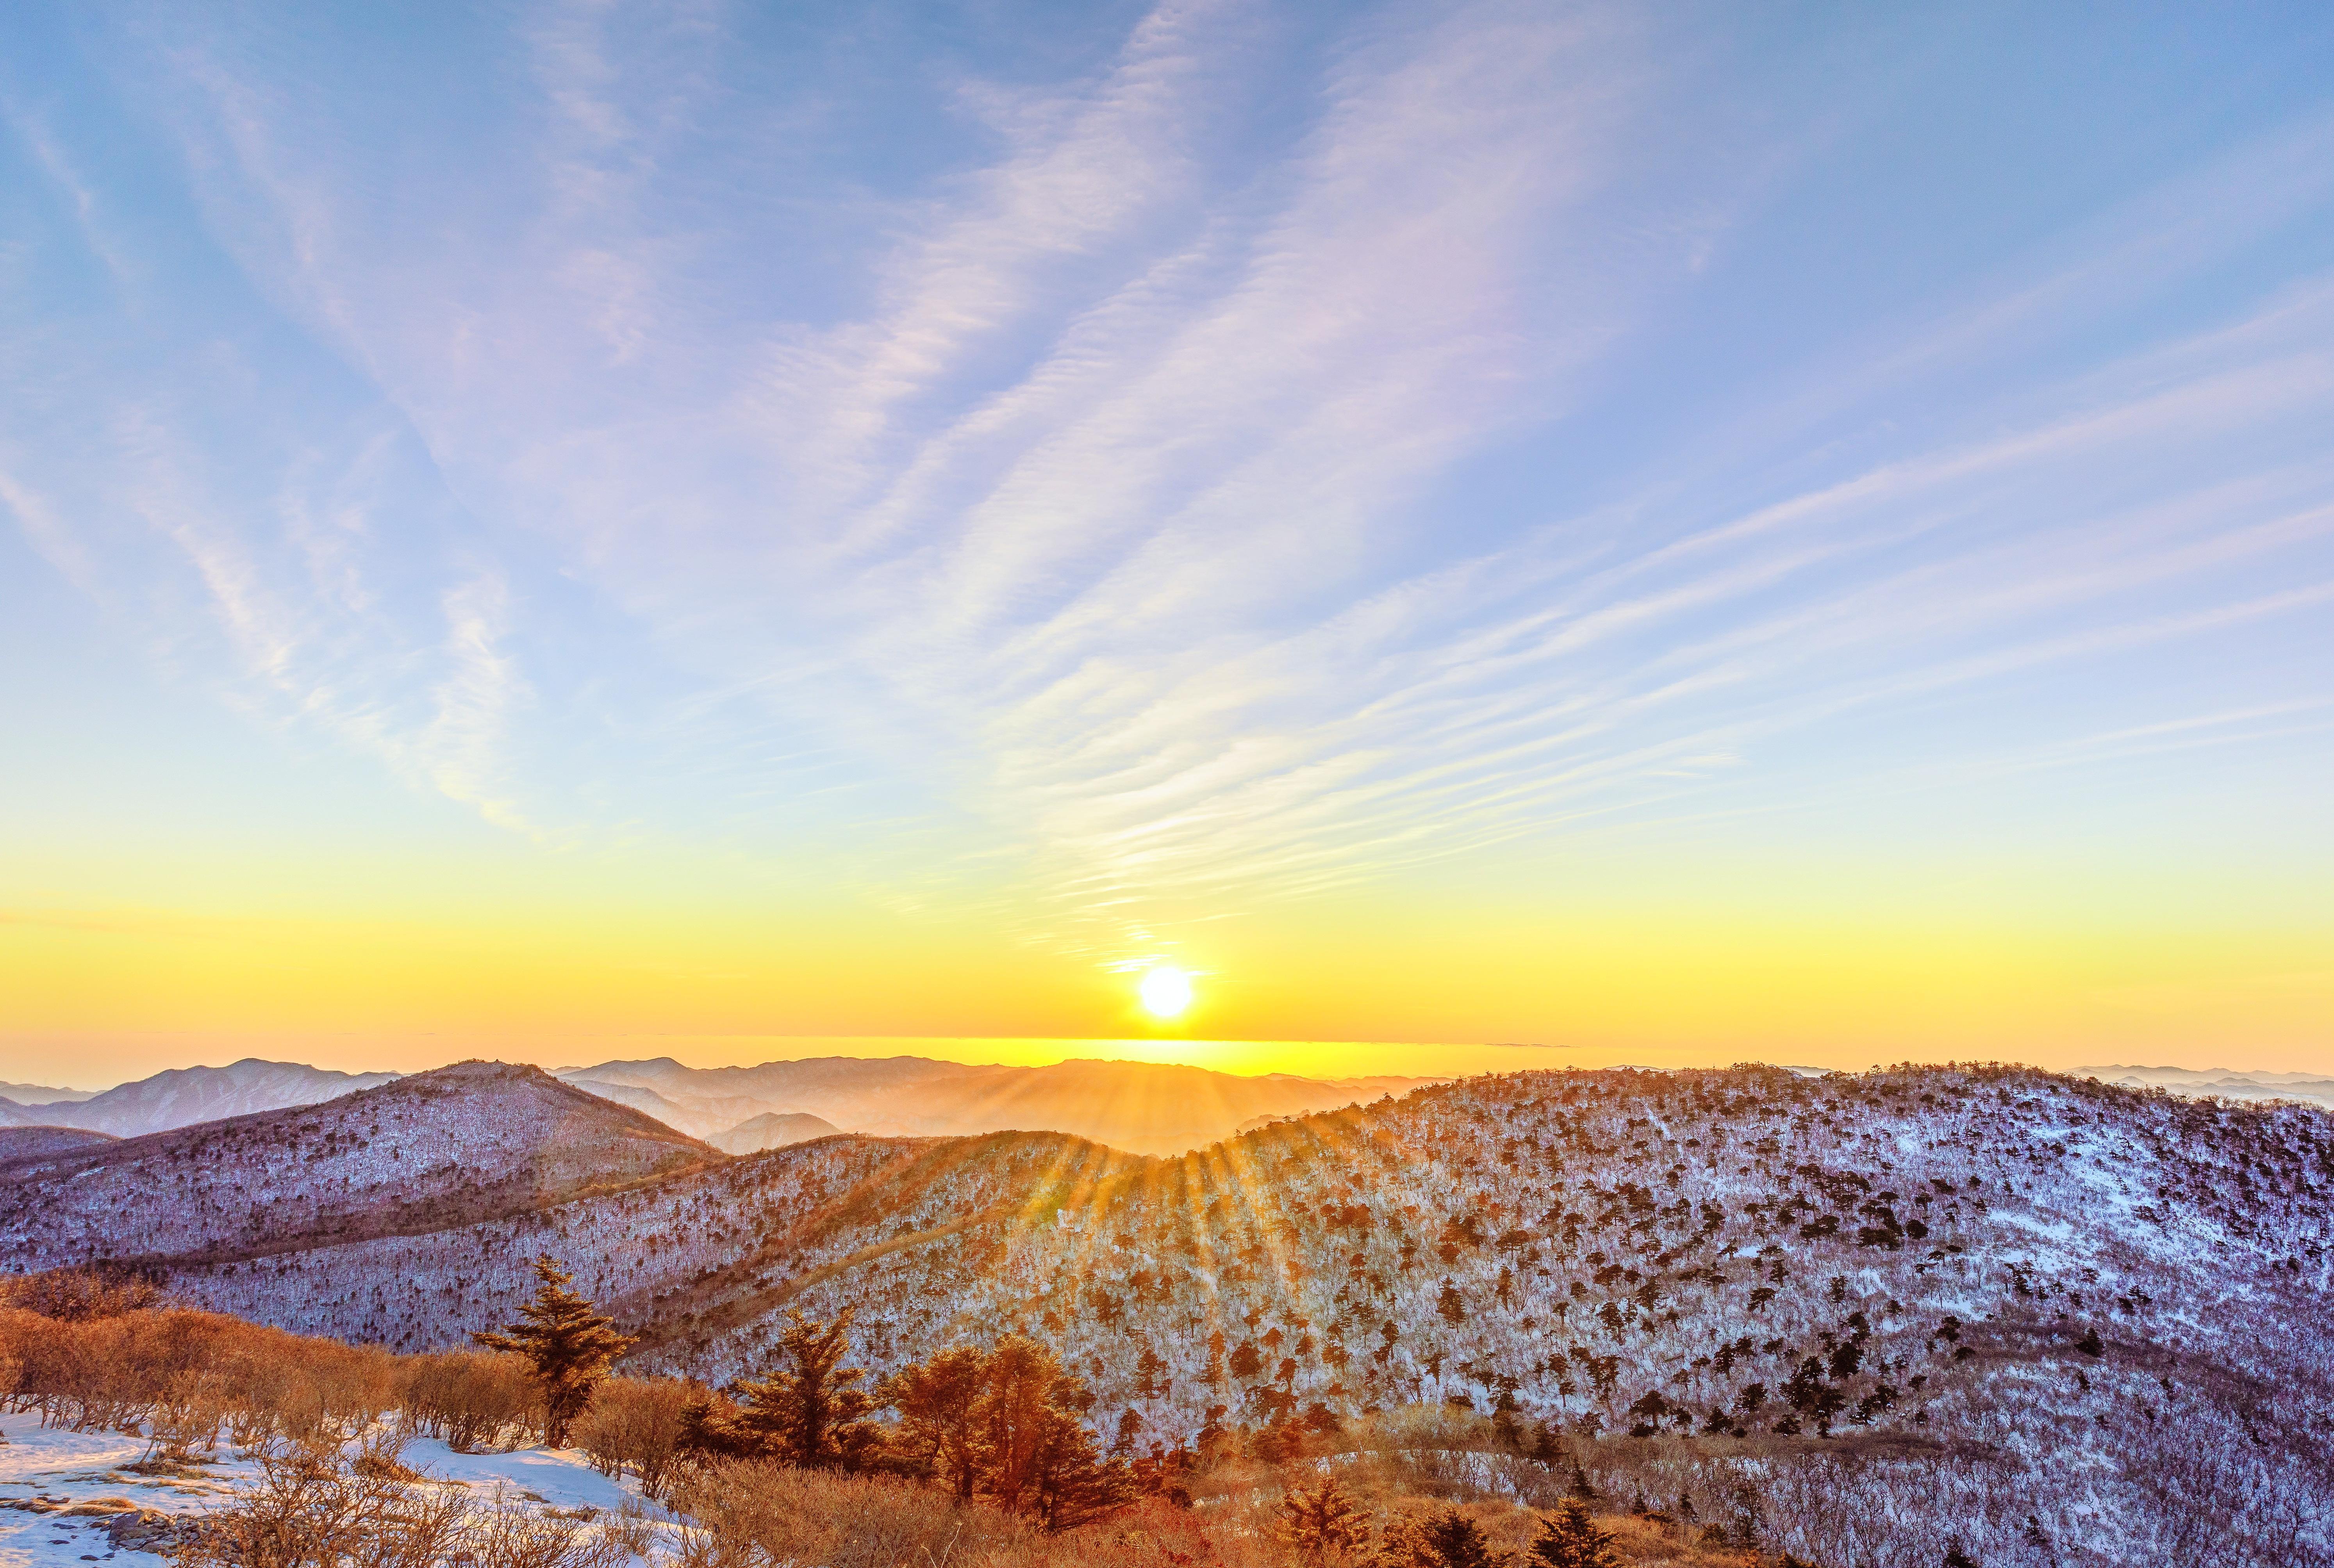 Taebaeksan Provincial Park